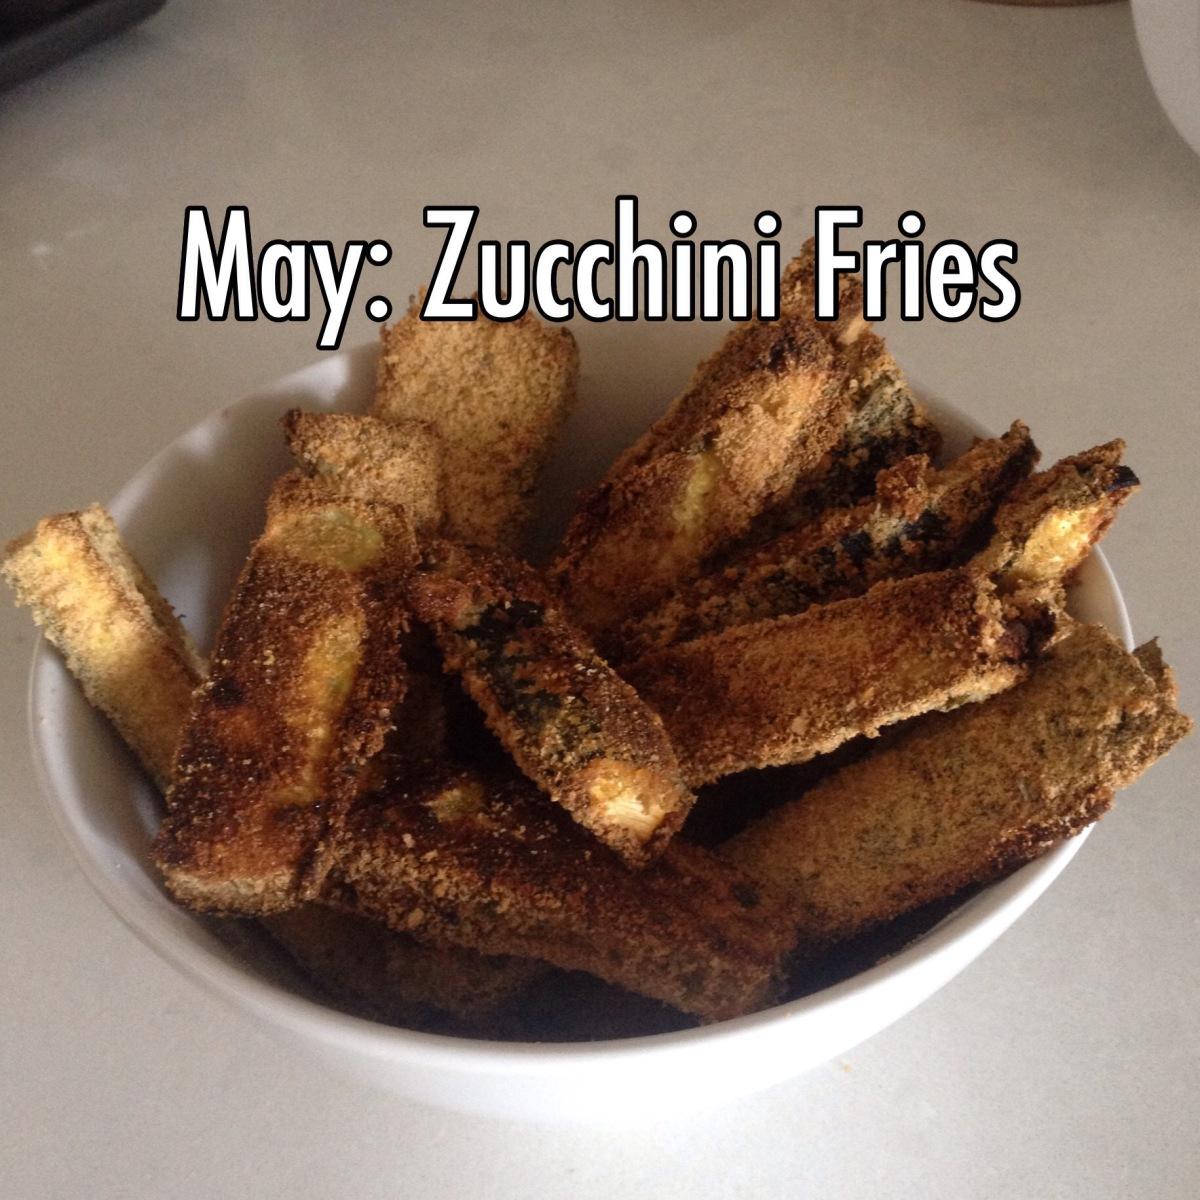 May: Zucchini Fries